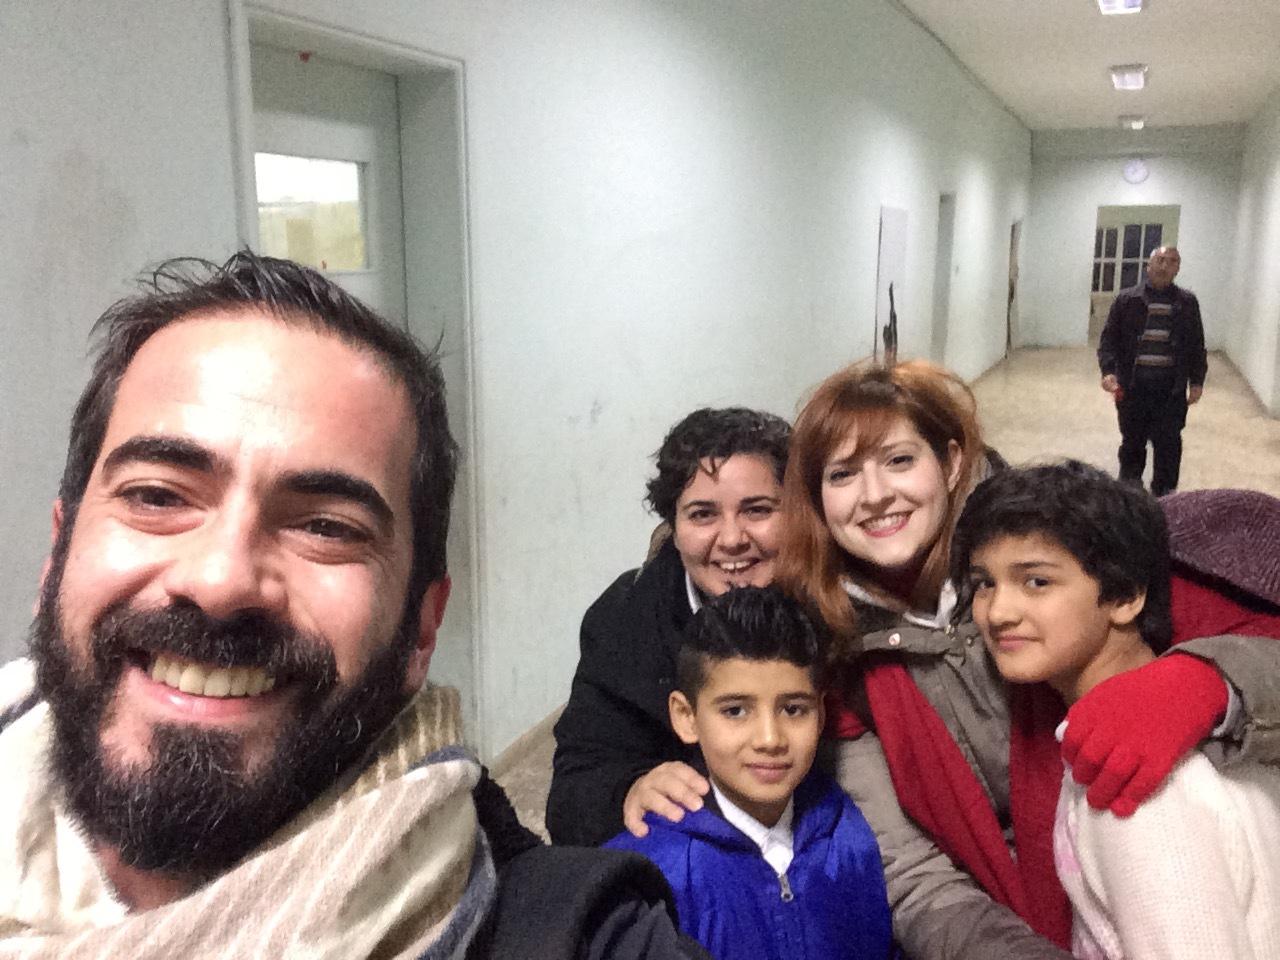 Στο Καμπ προσφύγων στην Ελευσίνα